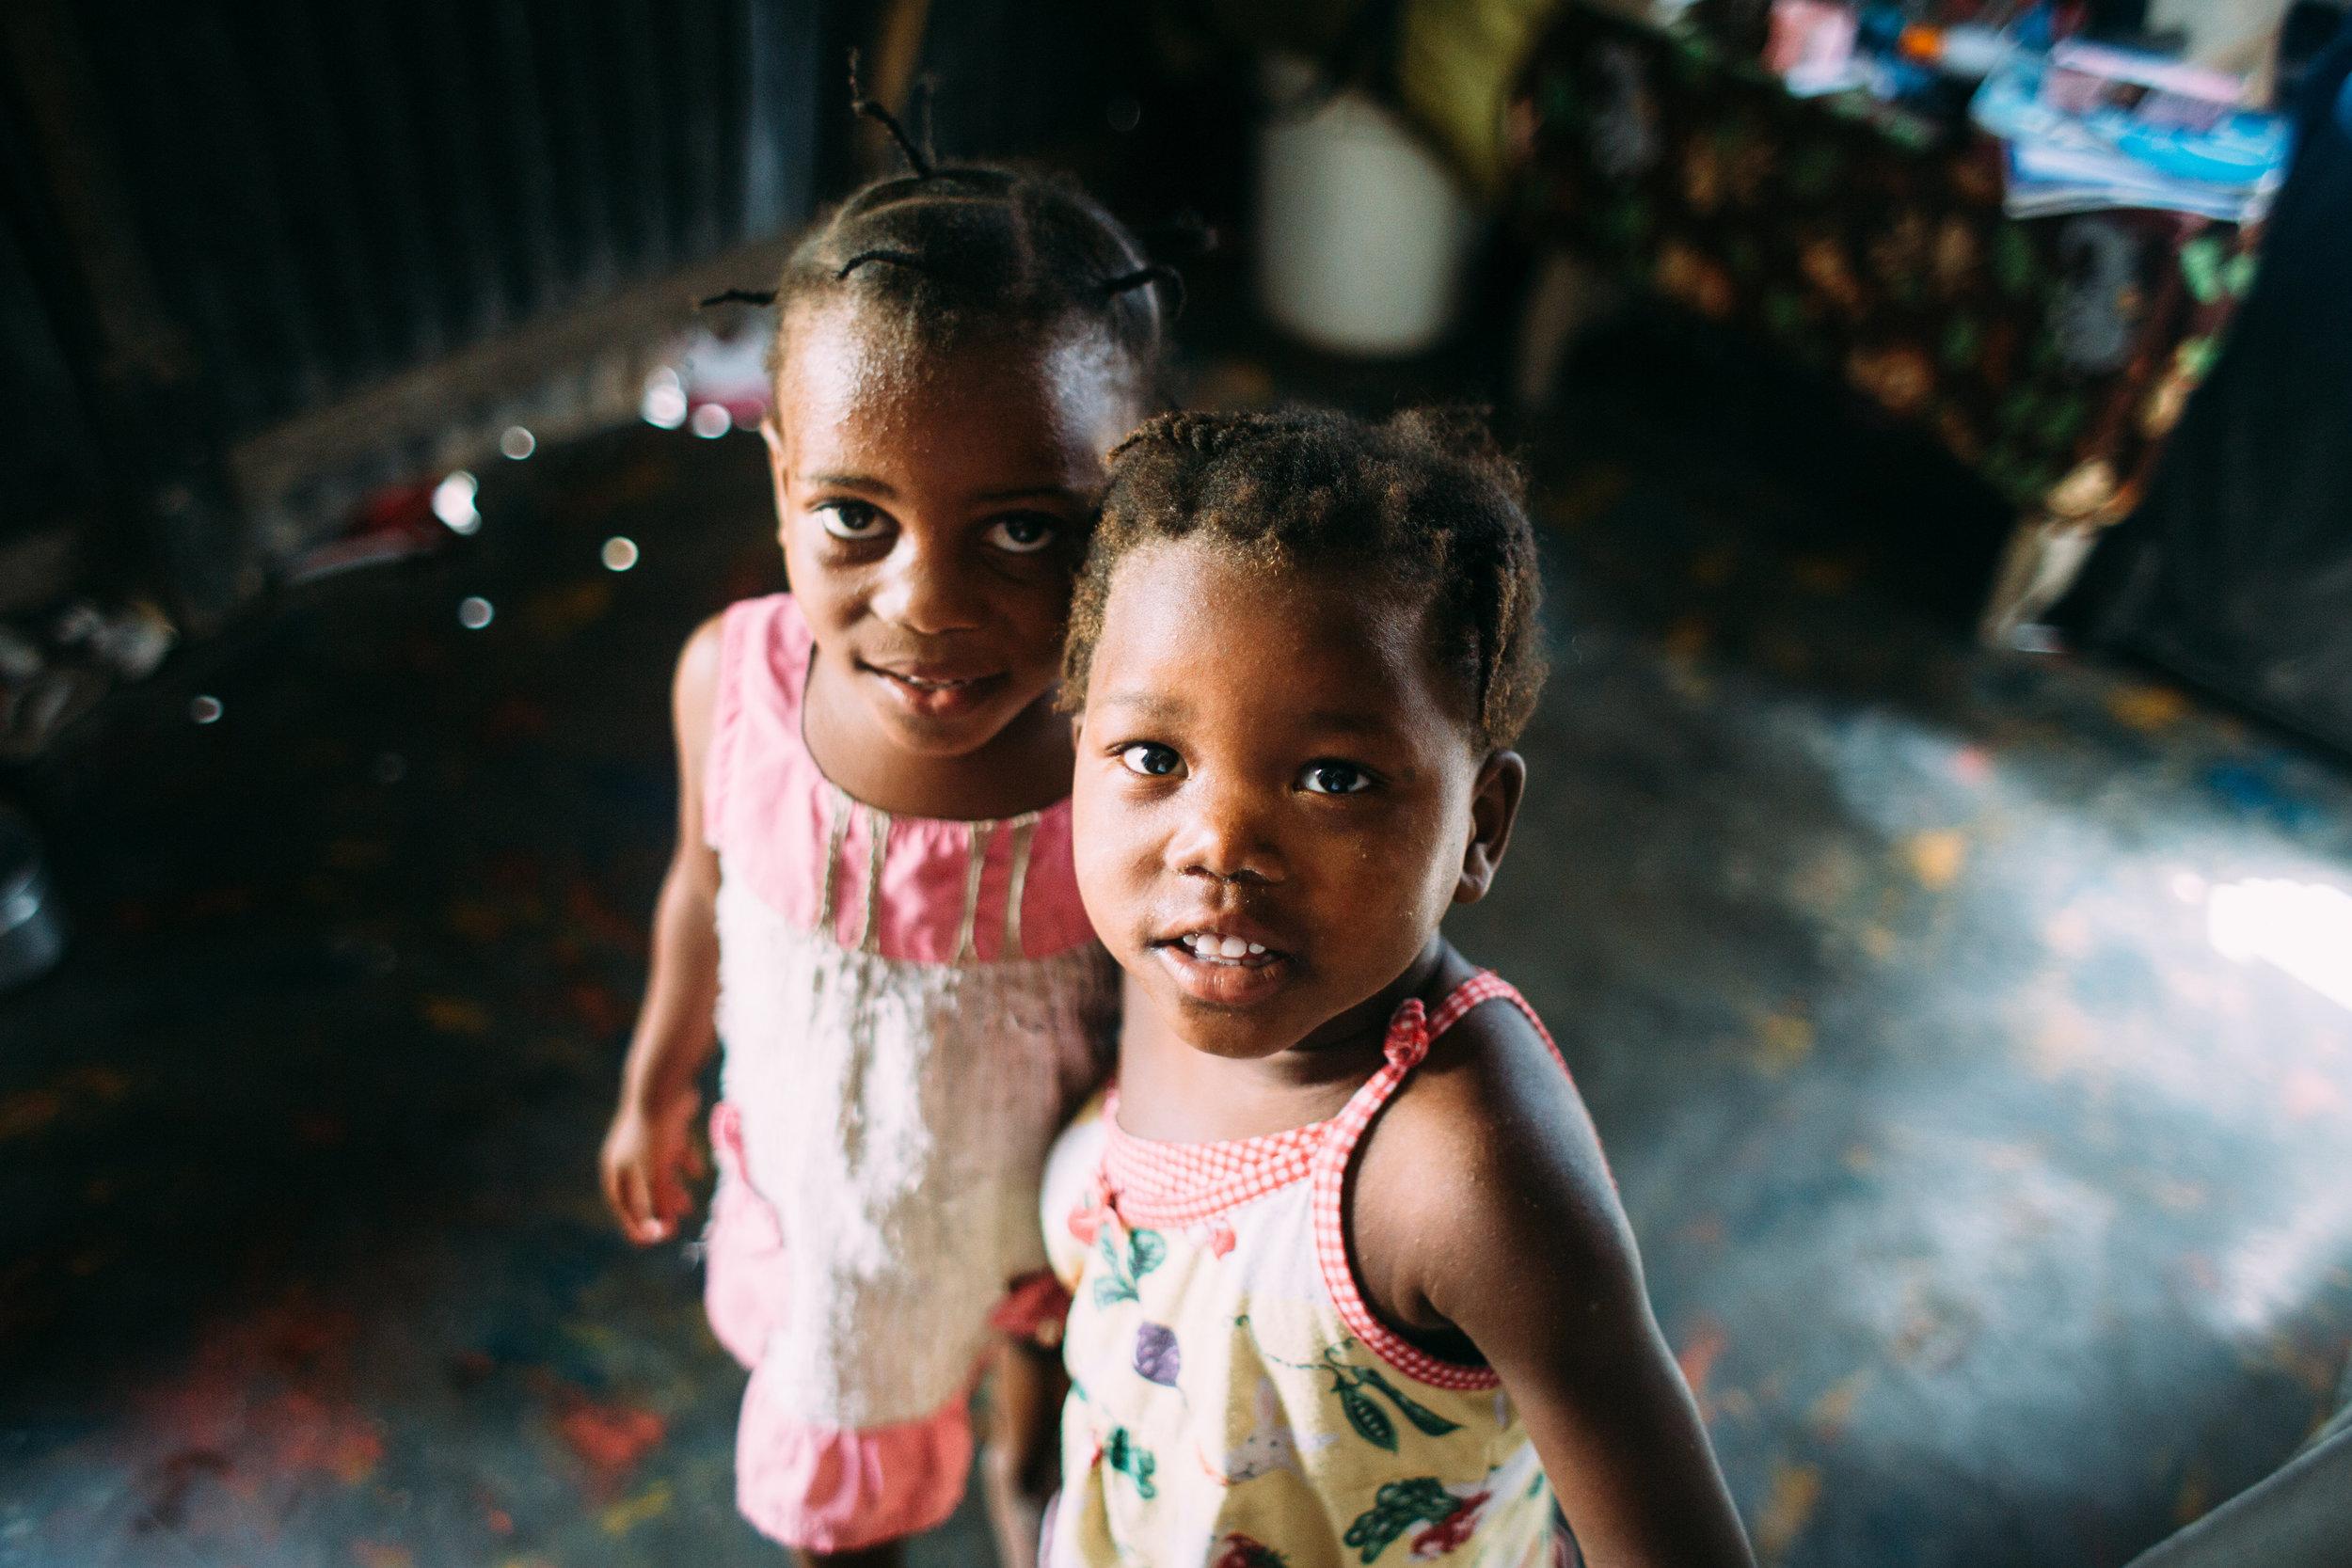 Haiti 2016-Cite Soliel 1-0319.jpg